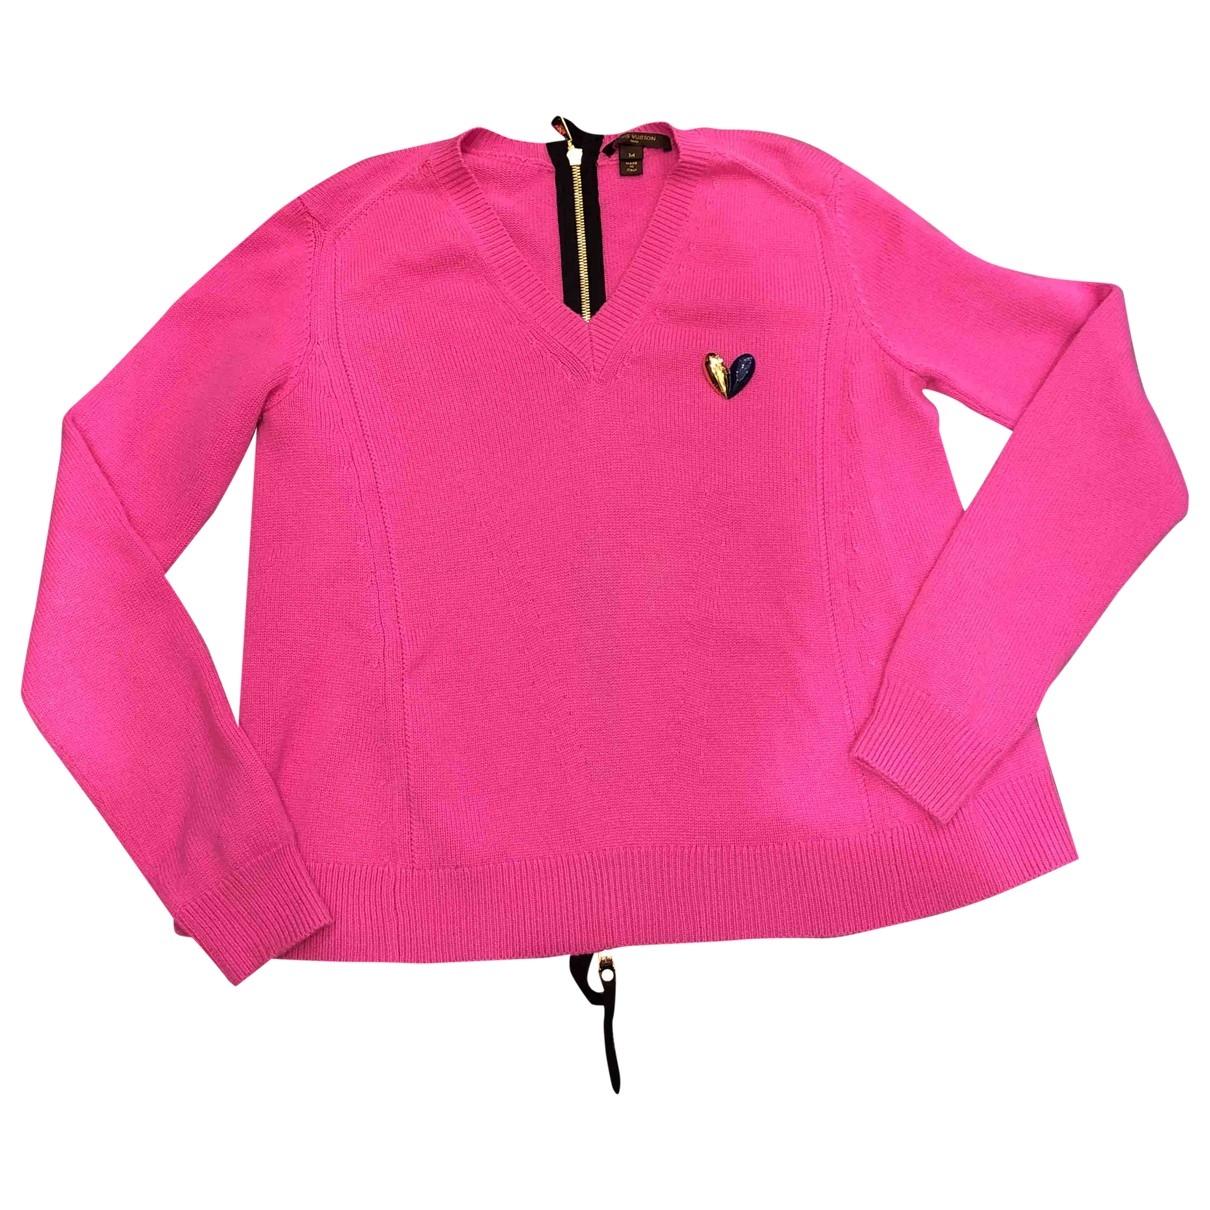 Louis Vuitton - Pull   pour femme en cachemire - rose